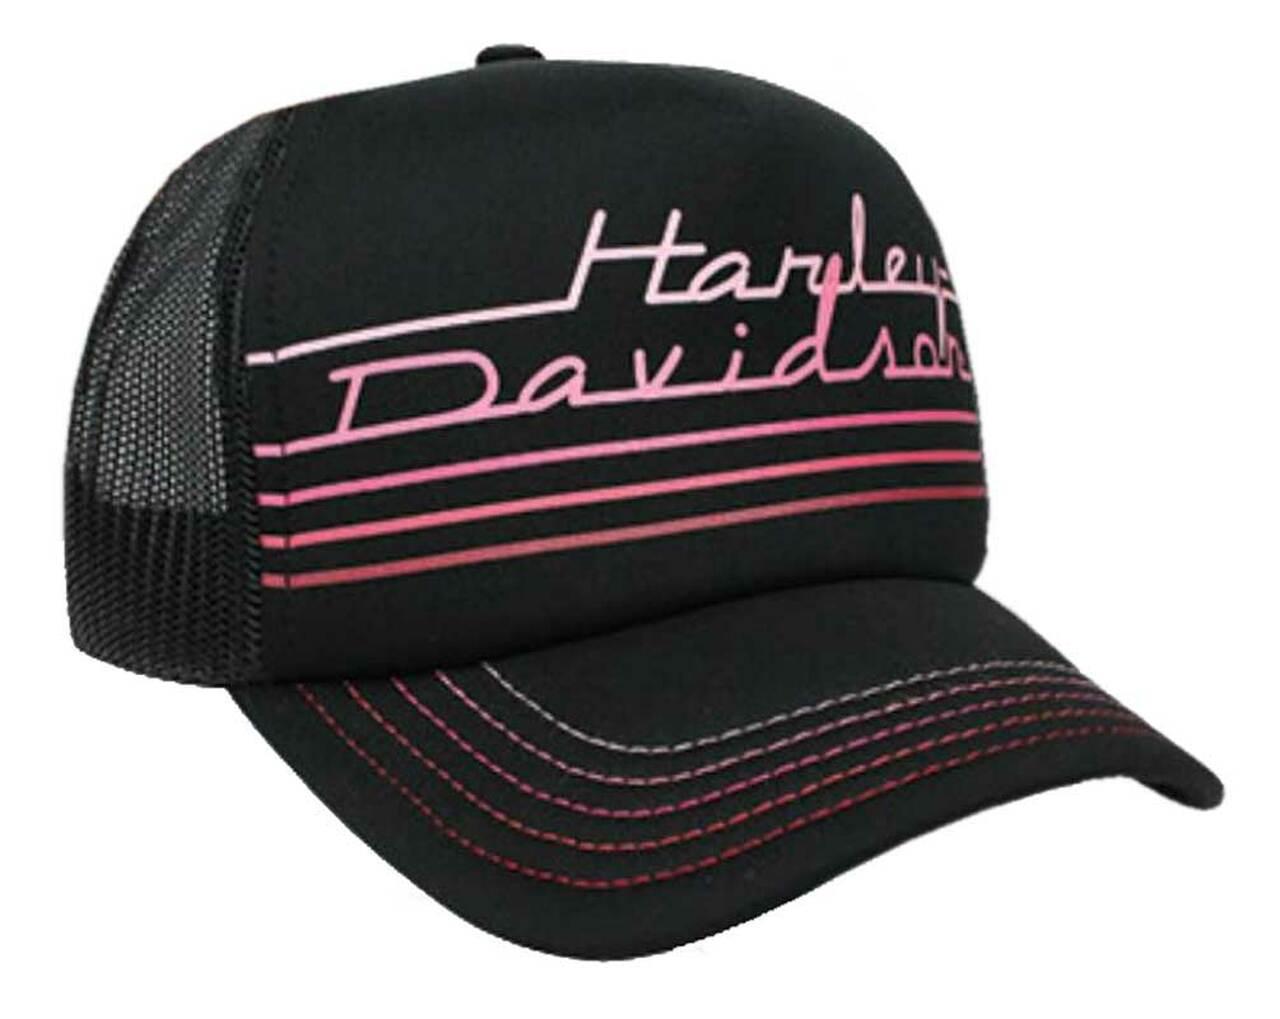 HARLEY DAVIDSON BALLCAP, LADIES, THROWBACK, BLACK